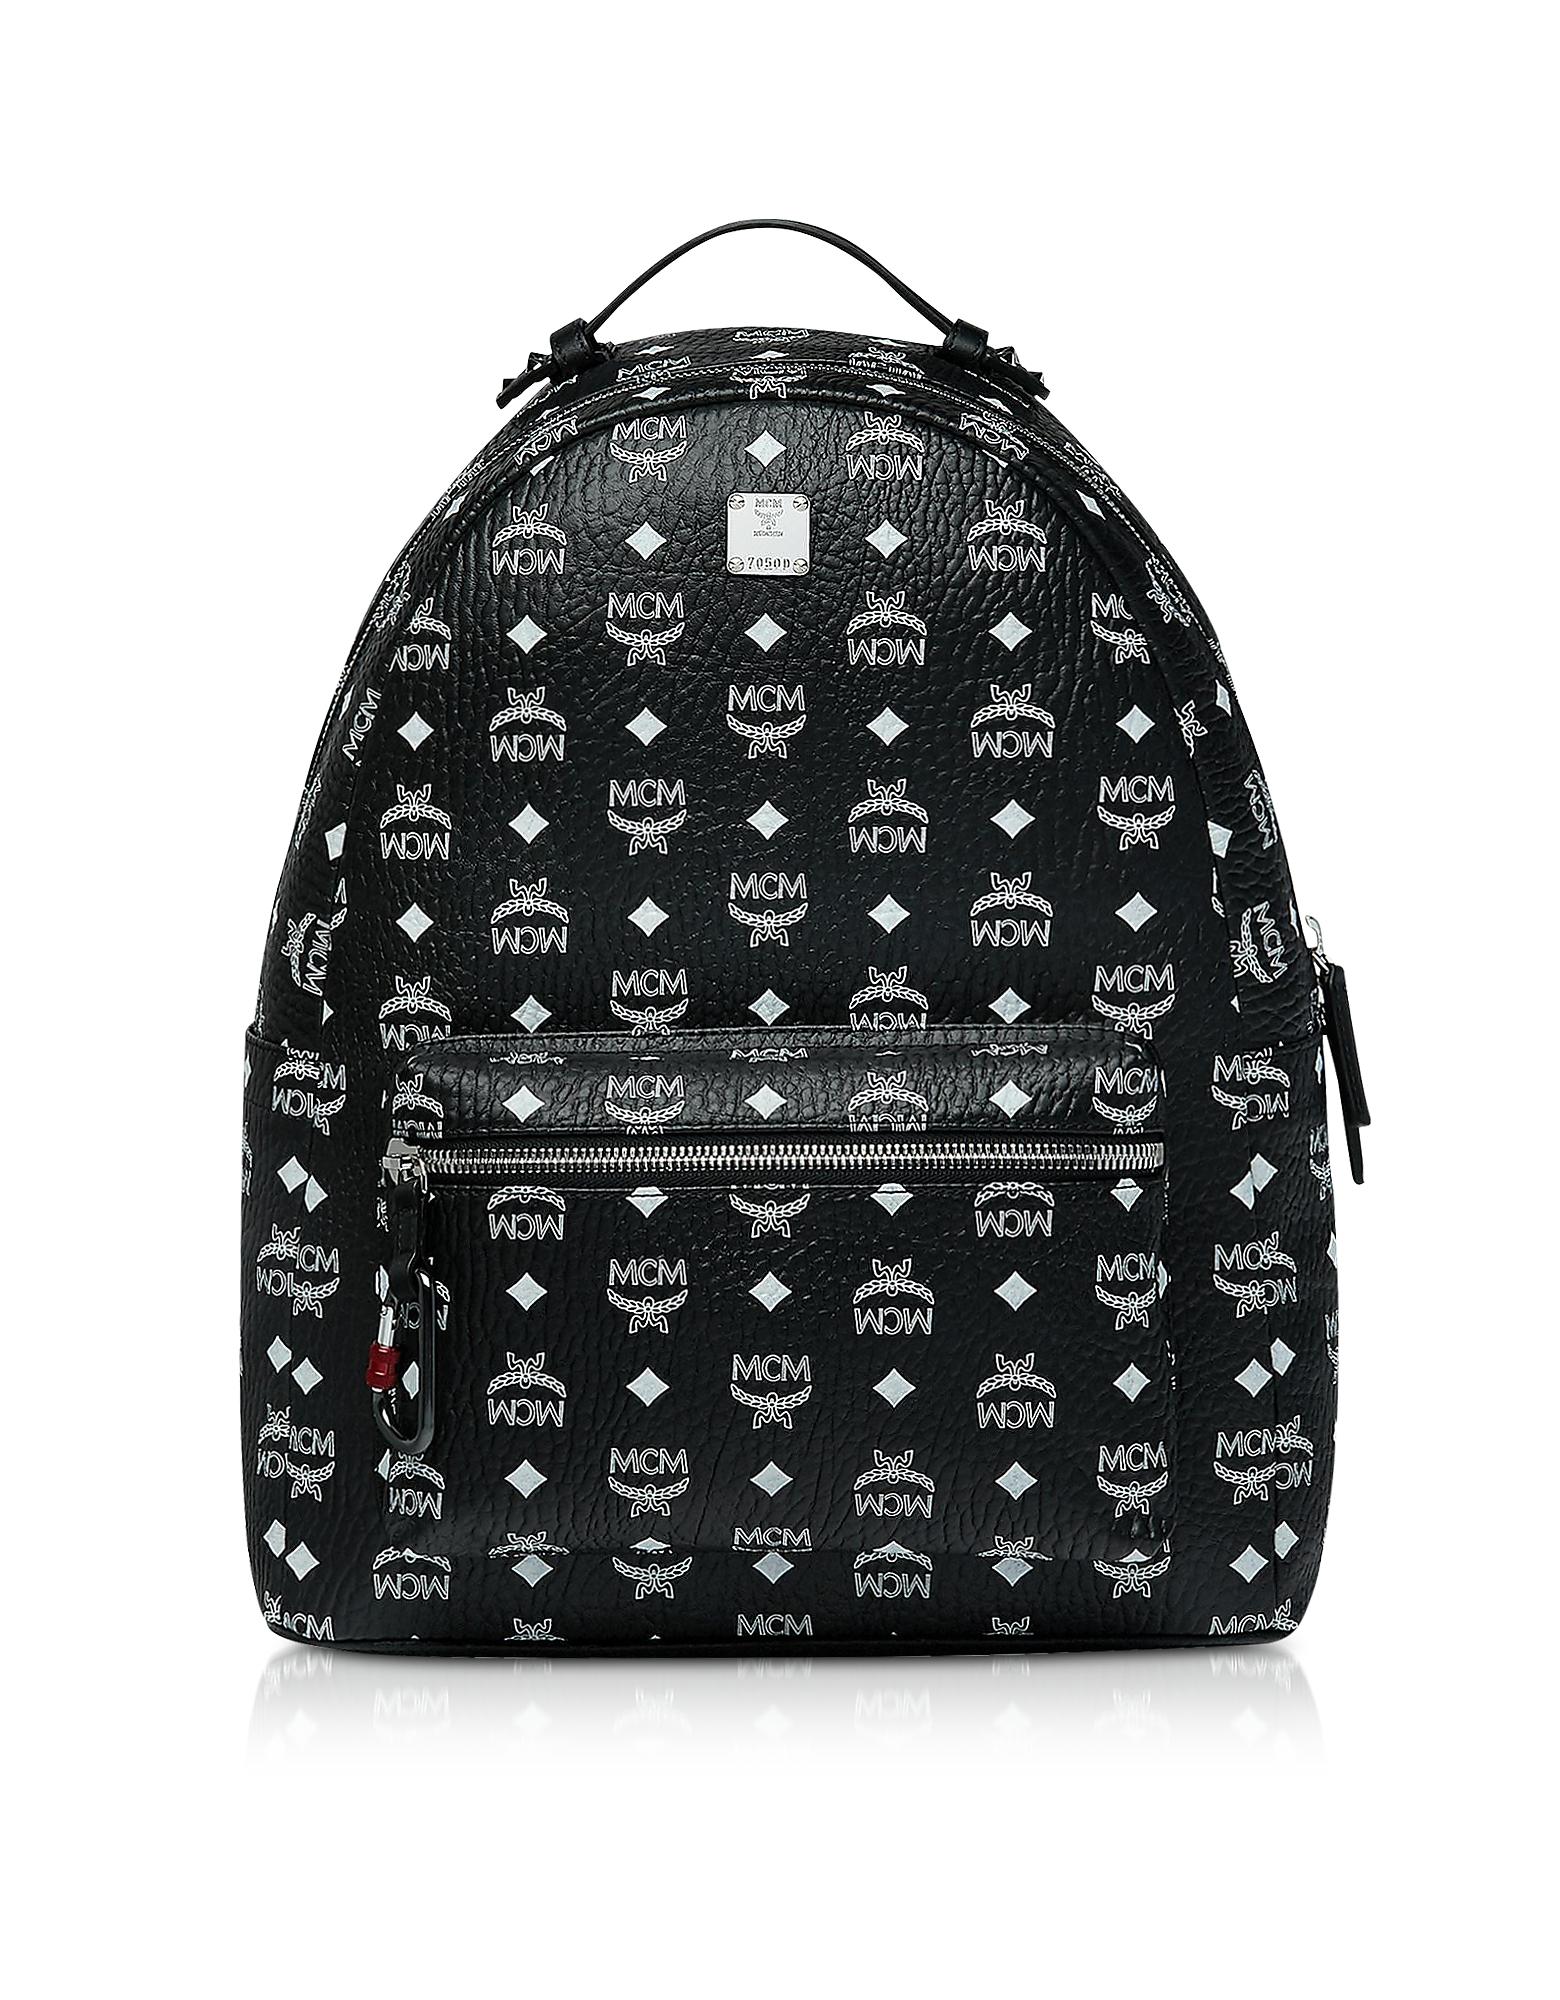 cd5b85d5e05 Mcm Black Stark Backpack W White Logo Visetos 40 In Bv